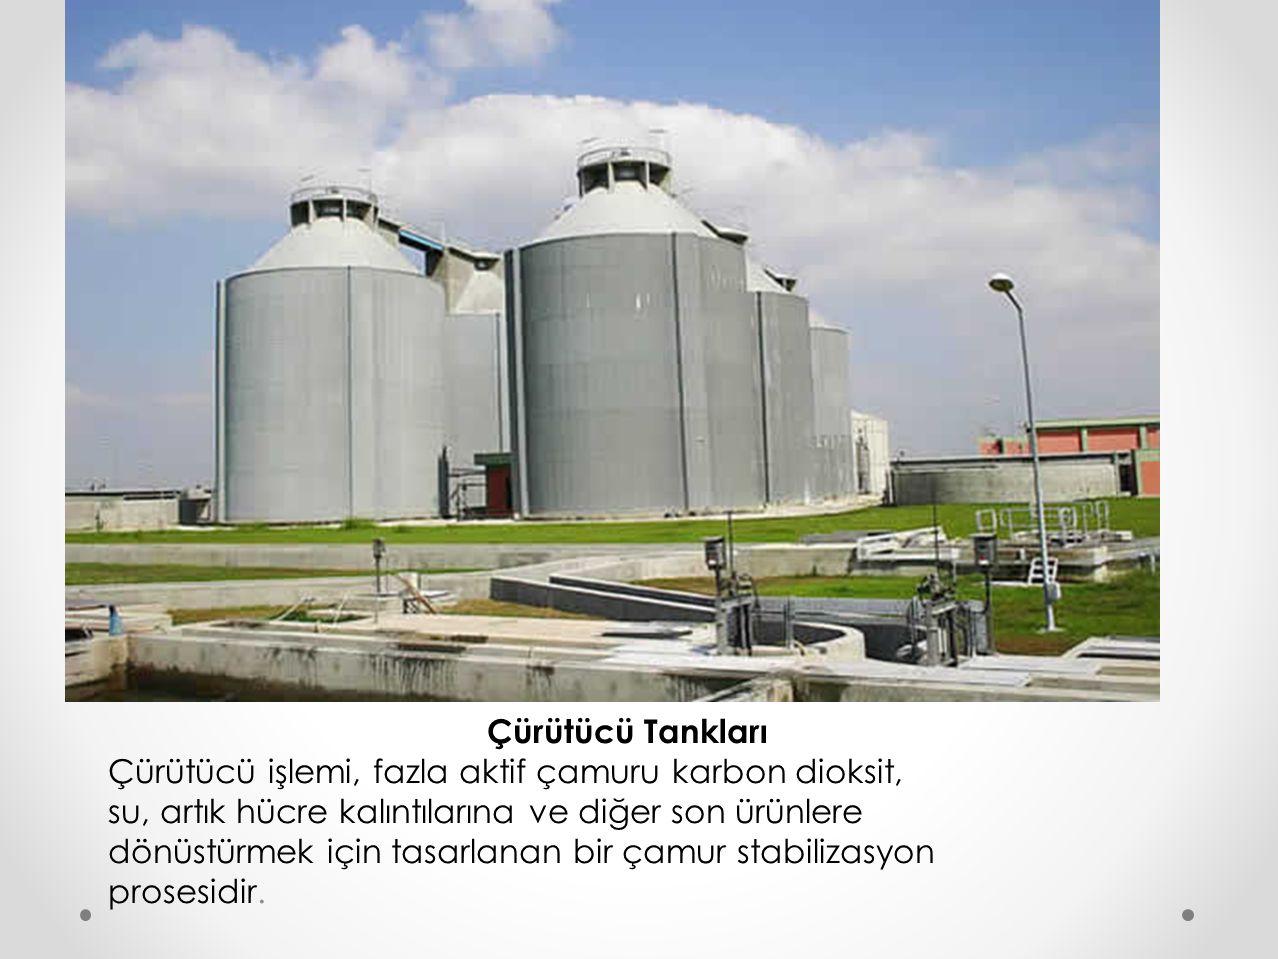 Çürütücü Tankları Çürütücü işlemi, fazla aktif çamuru karbon dioksit, su, artık hücre kalıntılarına ve diğer son ürünlere dönüstürmek için tasarlanan